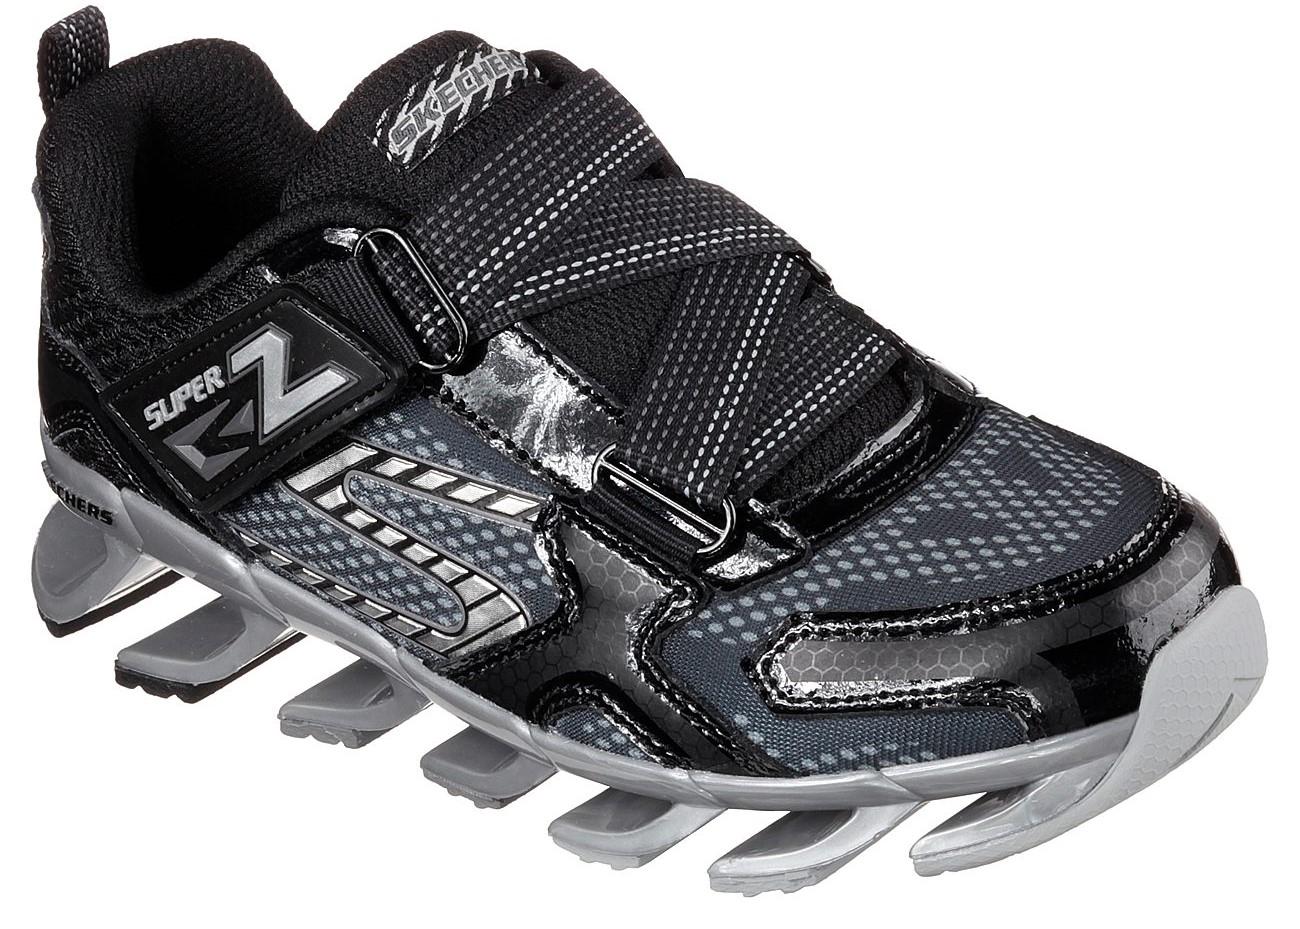 美国法庭驳回 Adidas 对 Skechers 旗下Mega Blade系列运动鞋侵犯专利的控告